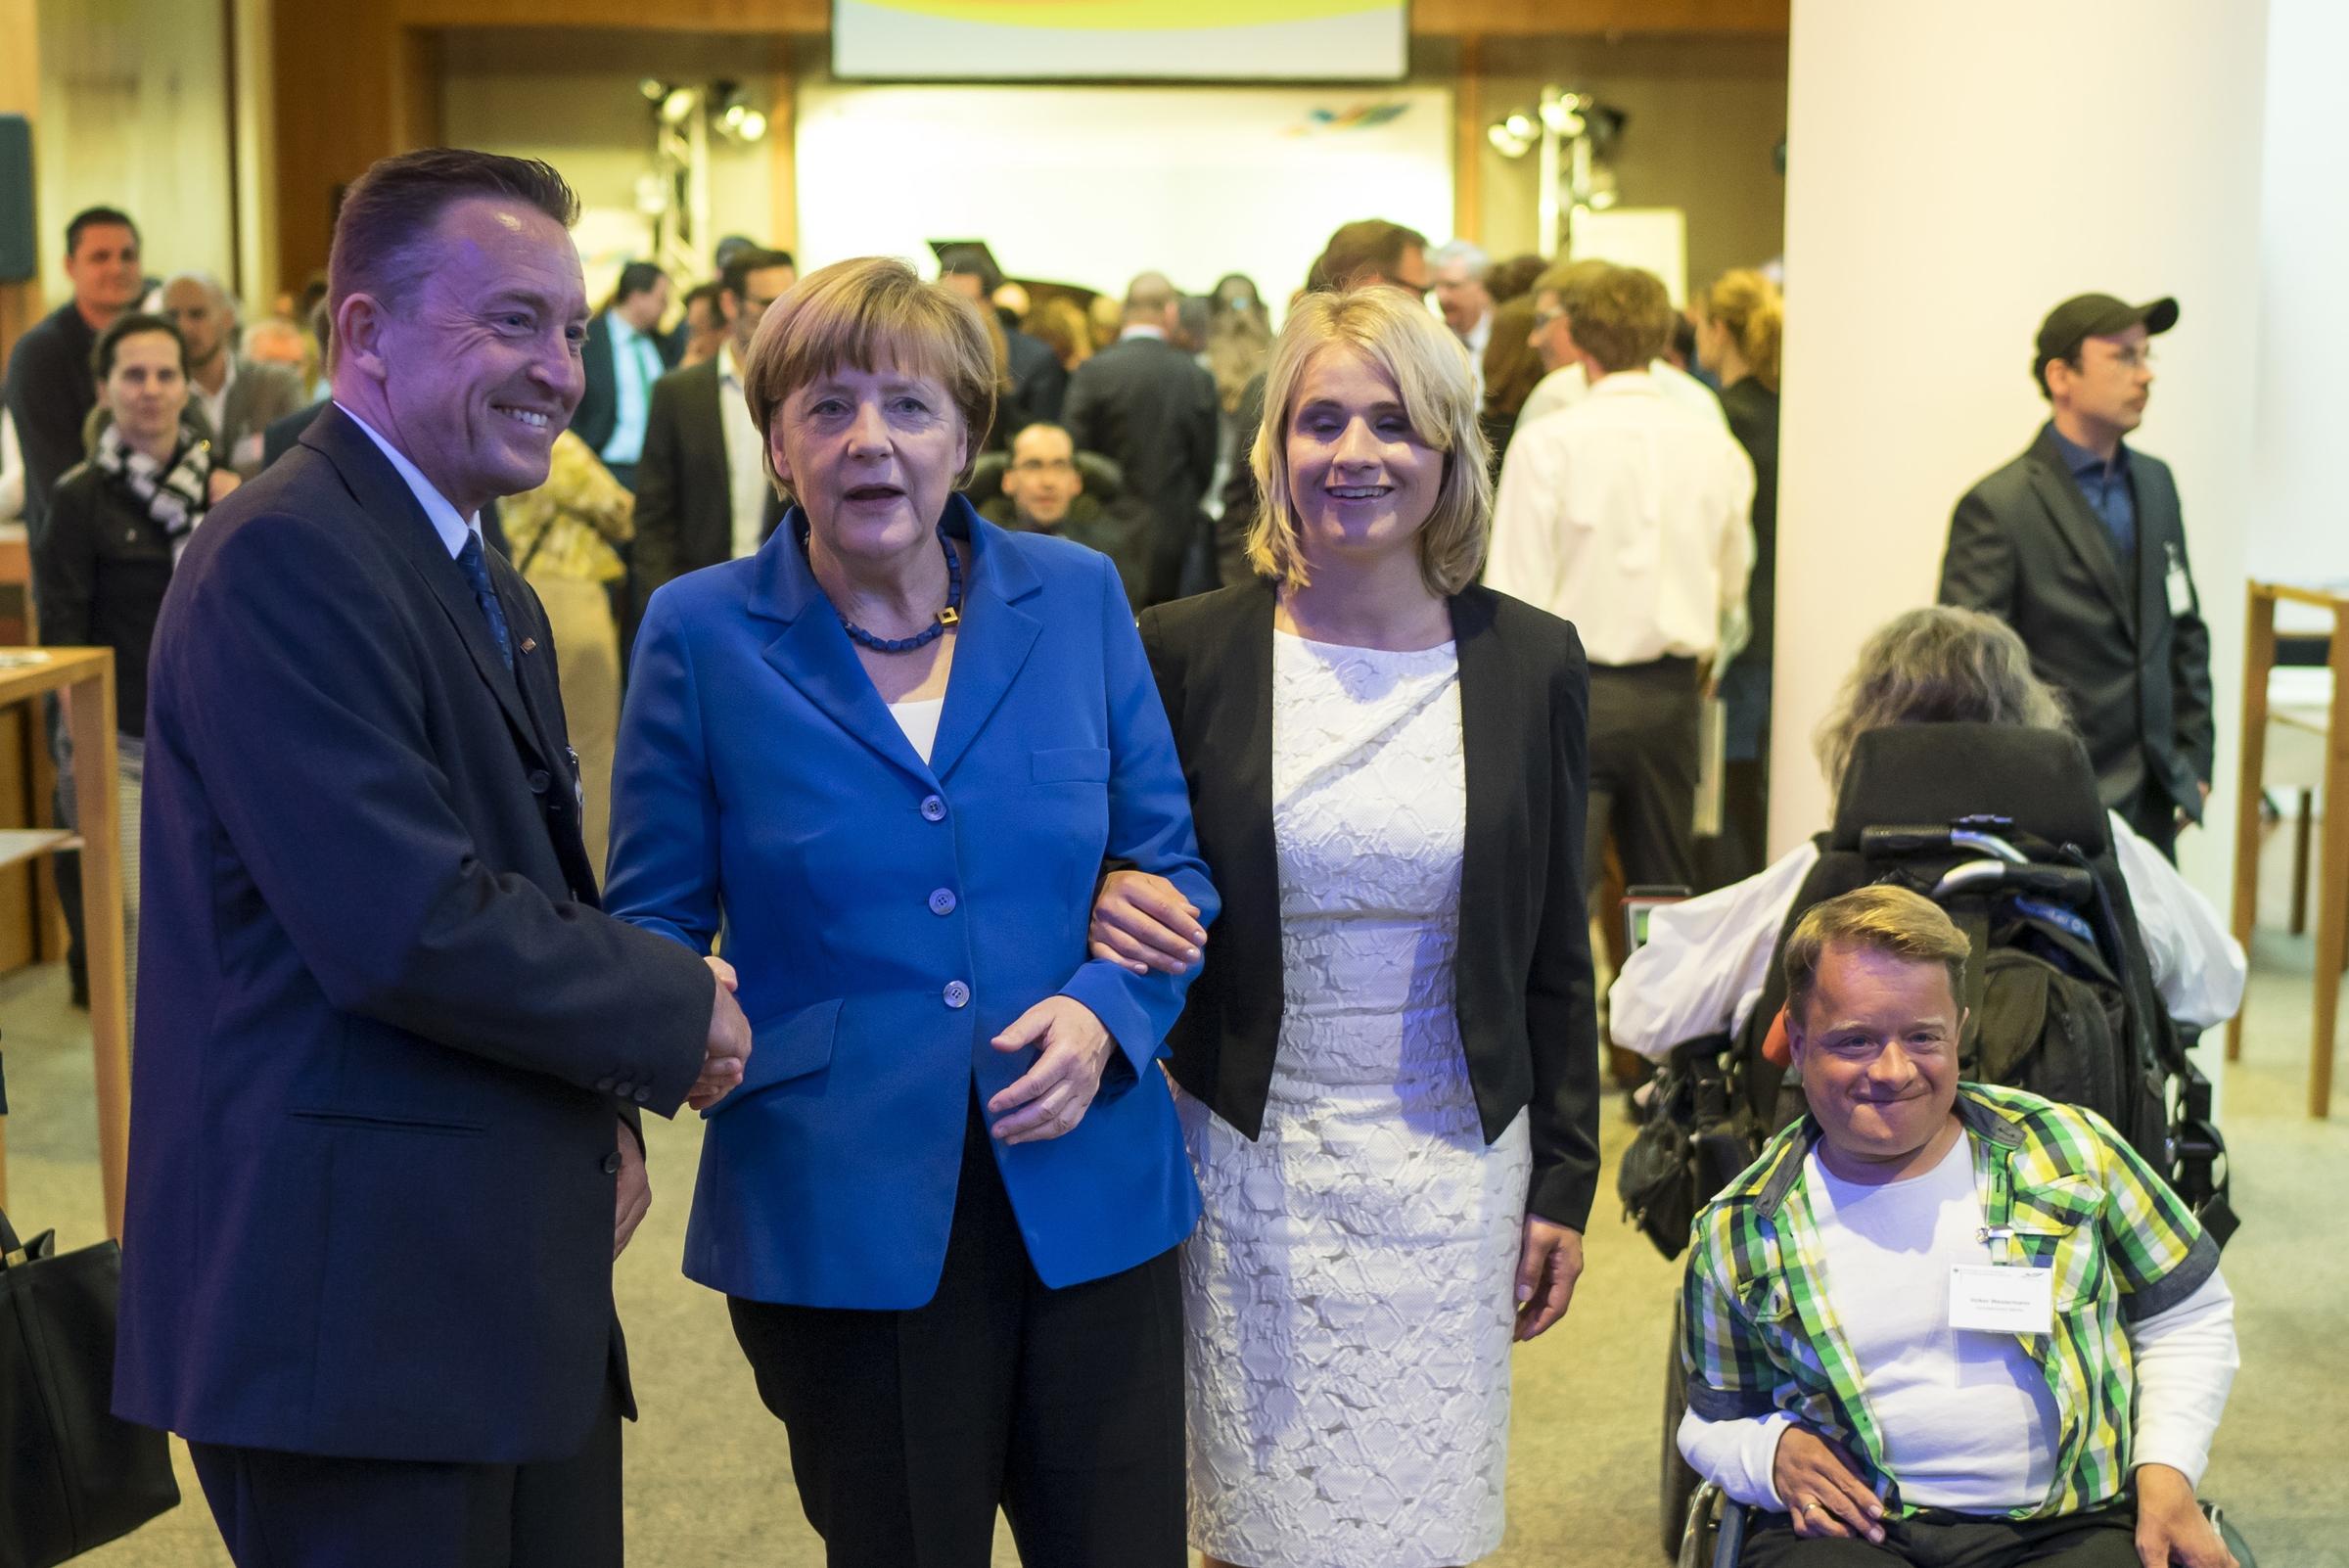 Jahresempfang 2015 der Behindertenbeauftragten Verena Bentele © Henning Schacht